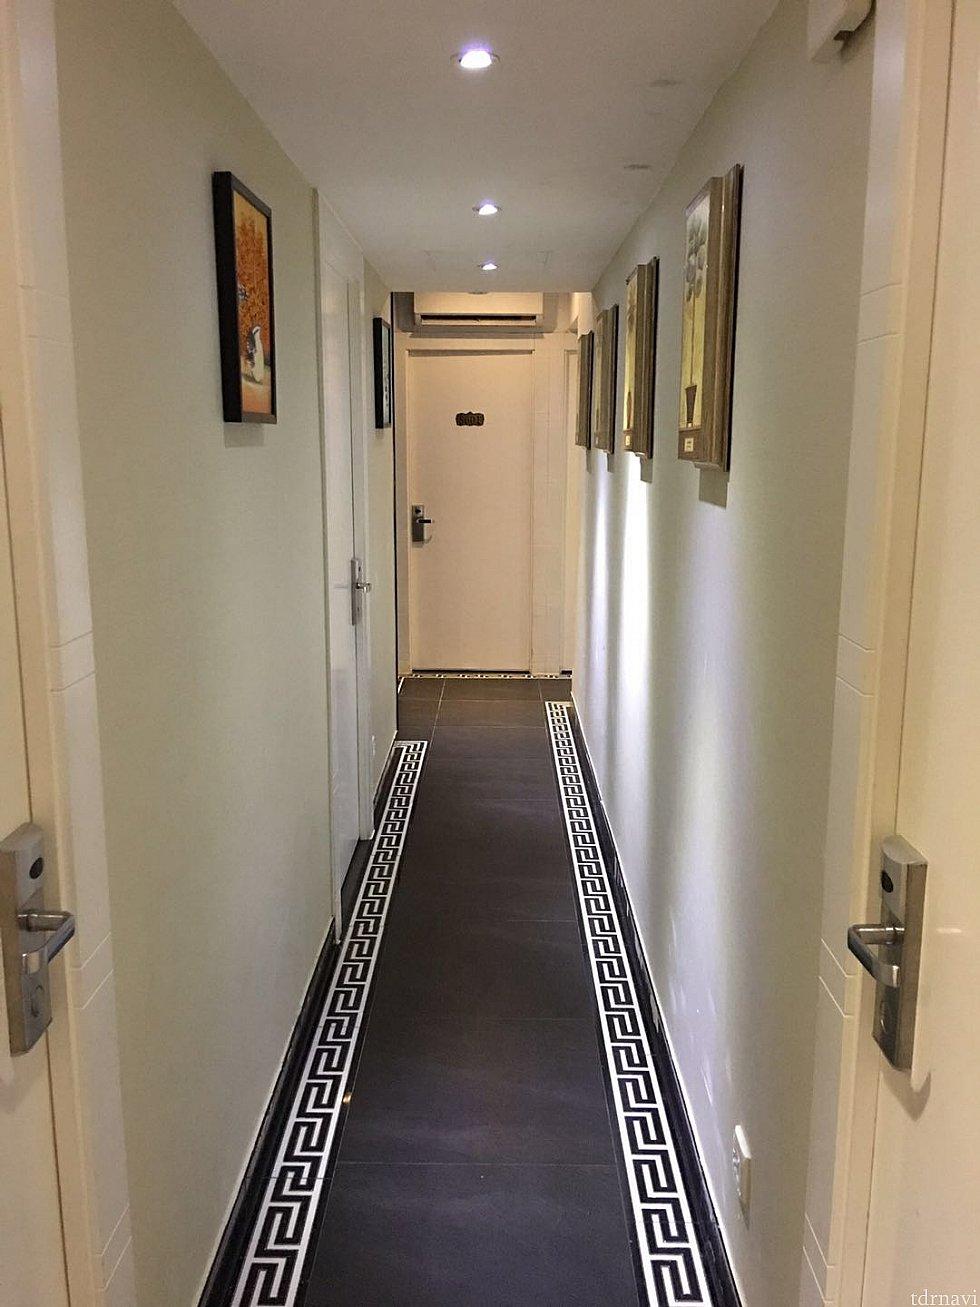 客室へ向かう通路です。清潔ですが超狭いです💦